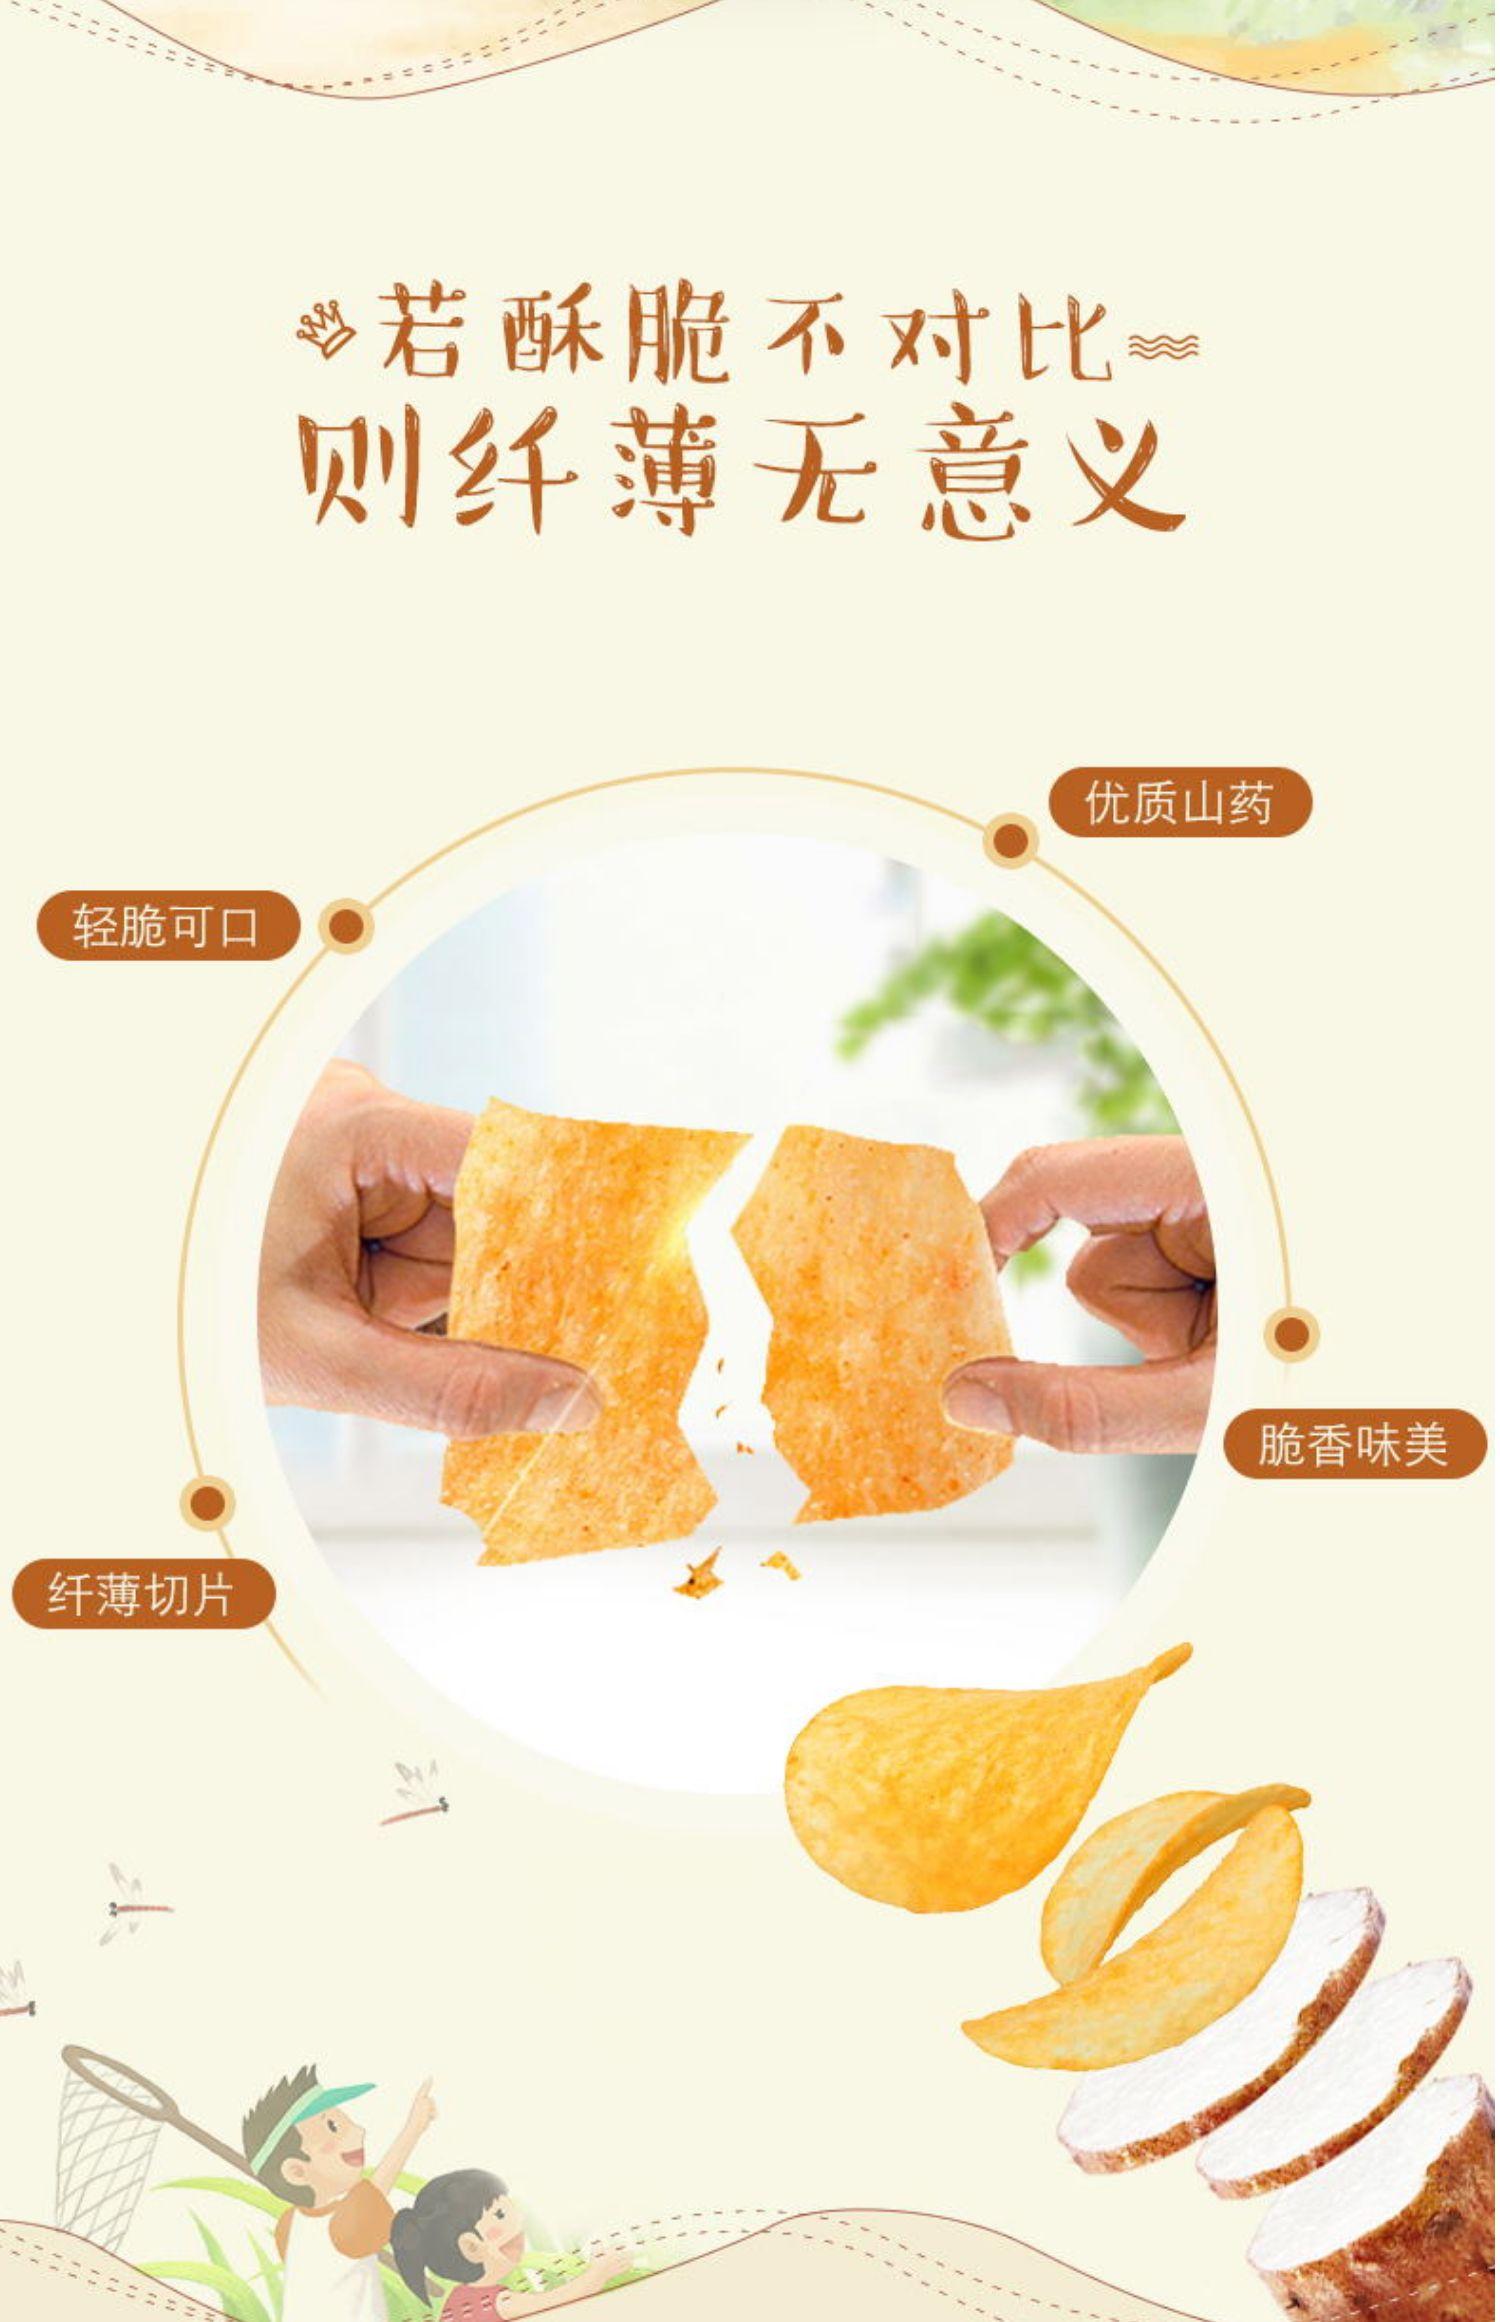 【高妆】手工山药脆片薯片50克*5袋 2